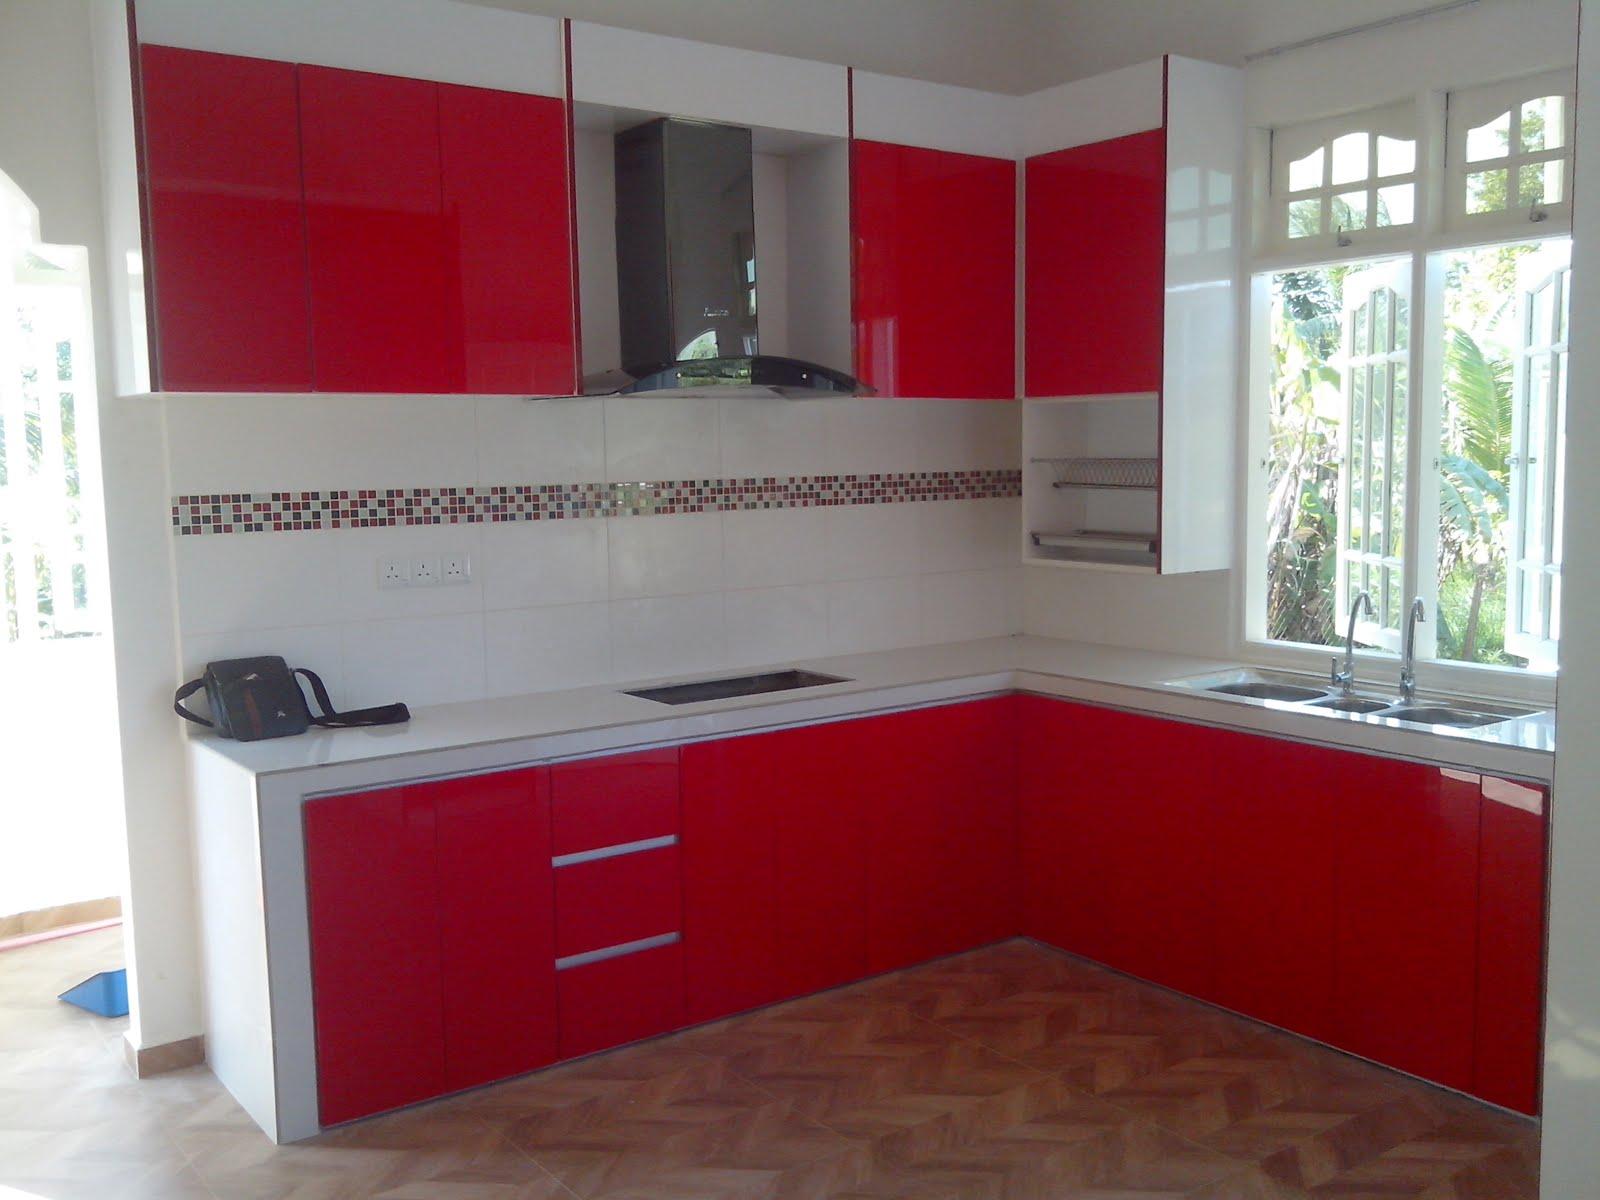 Kabinet Dapur Rumah Banglo Kelantan Murah 3g 4g Moden Kayu Aluminium